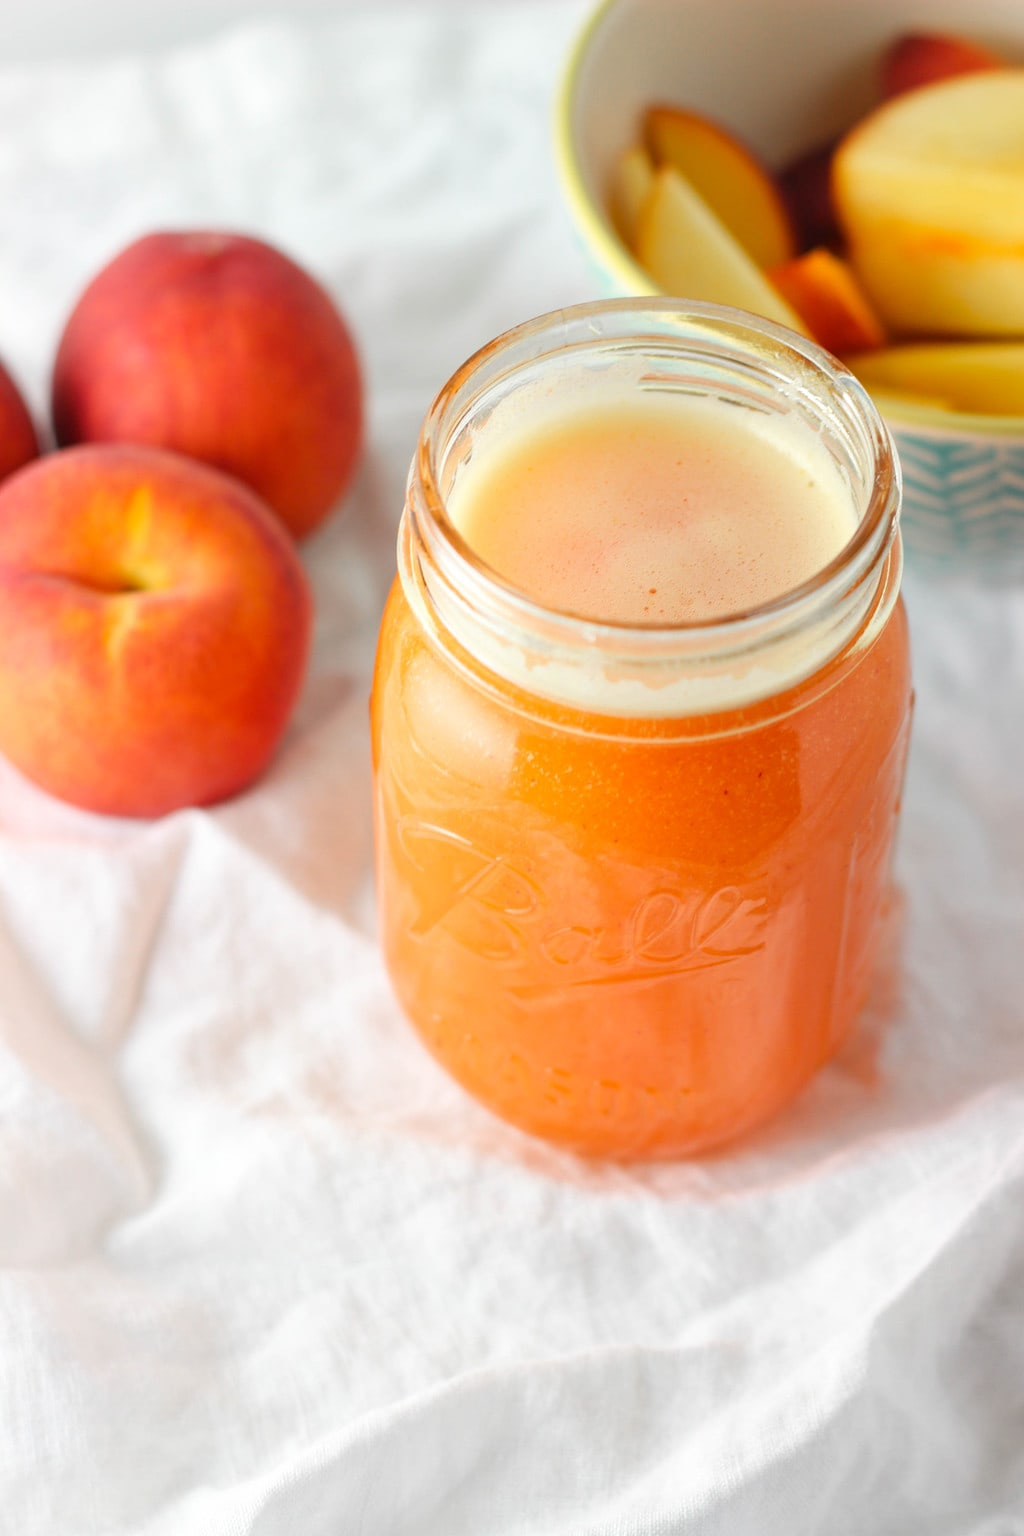 Single Serving Peach Lemonade - Exploring Healthy Foods